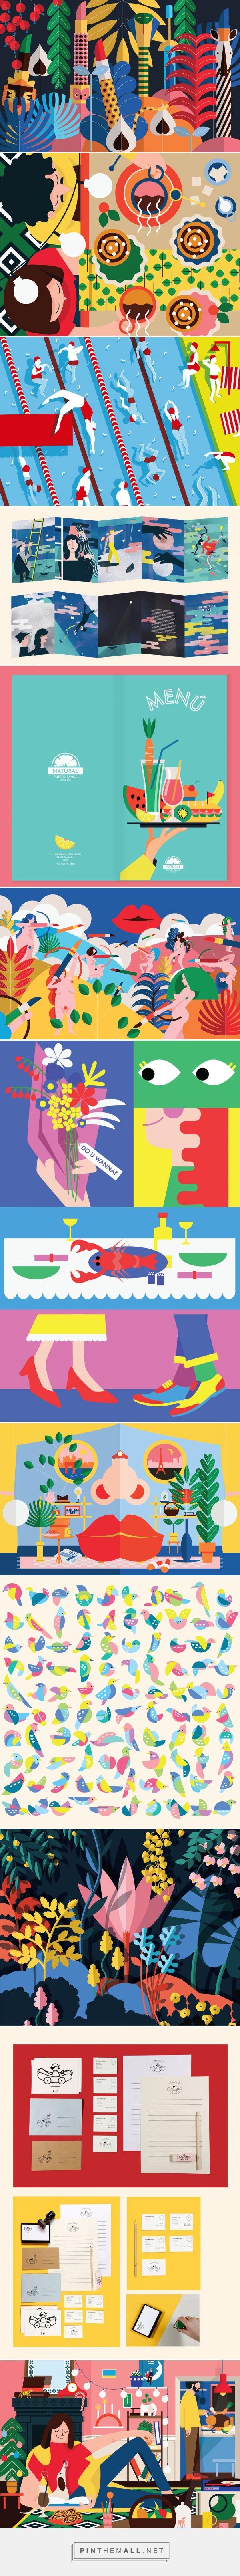 Kiki Ljung | FormFiftyFive – Design inspiration from around the world